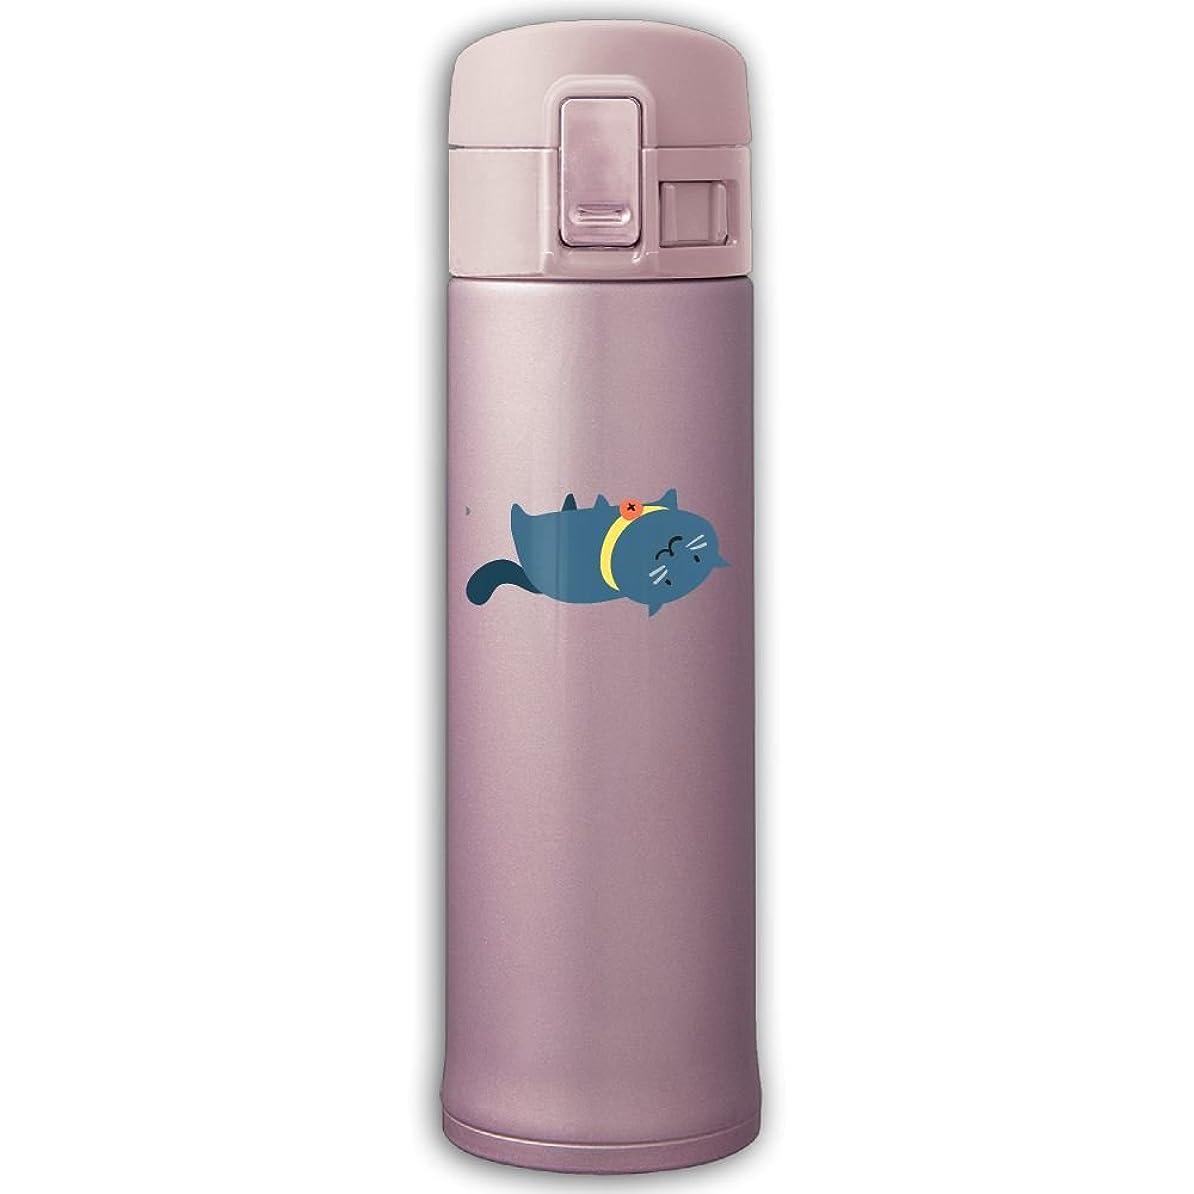 フィクション役立つエレメンタルTRAMST 水筒 直飲み 太い ブルー 猫の夢 ワンタッチマグカップ 500ml ステンレス製 ロック付き ステンレスボトル 魔法瓶 ワンタッチオープン ワンタッチマグボトル 保温 すいとう 4カラー